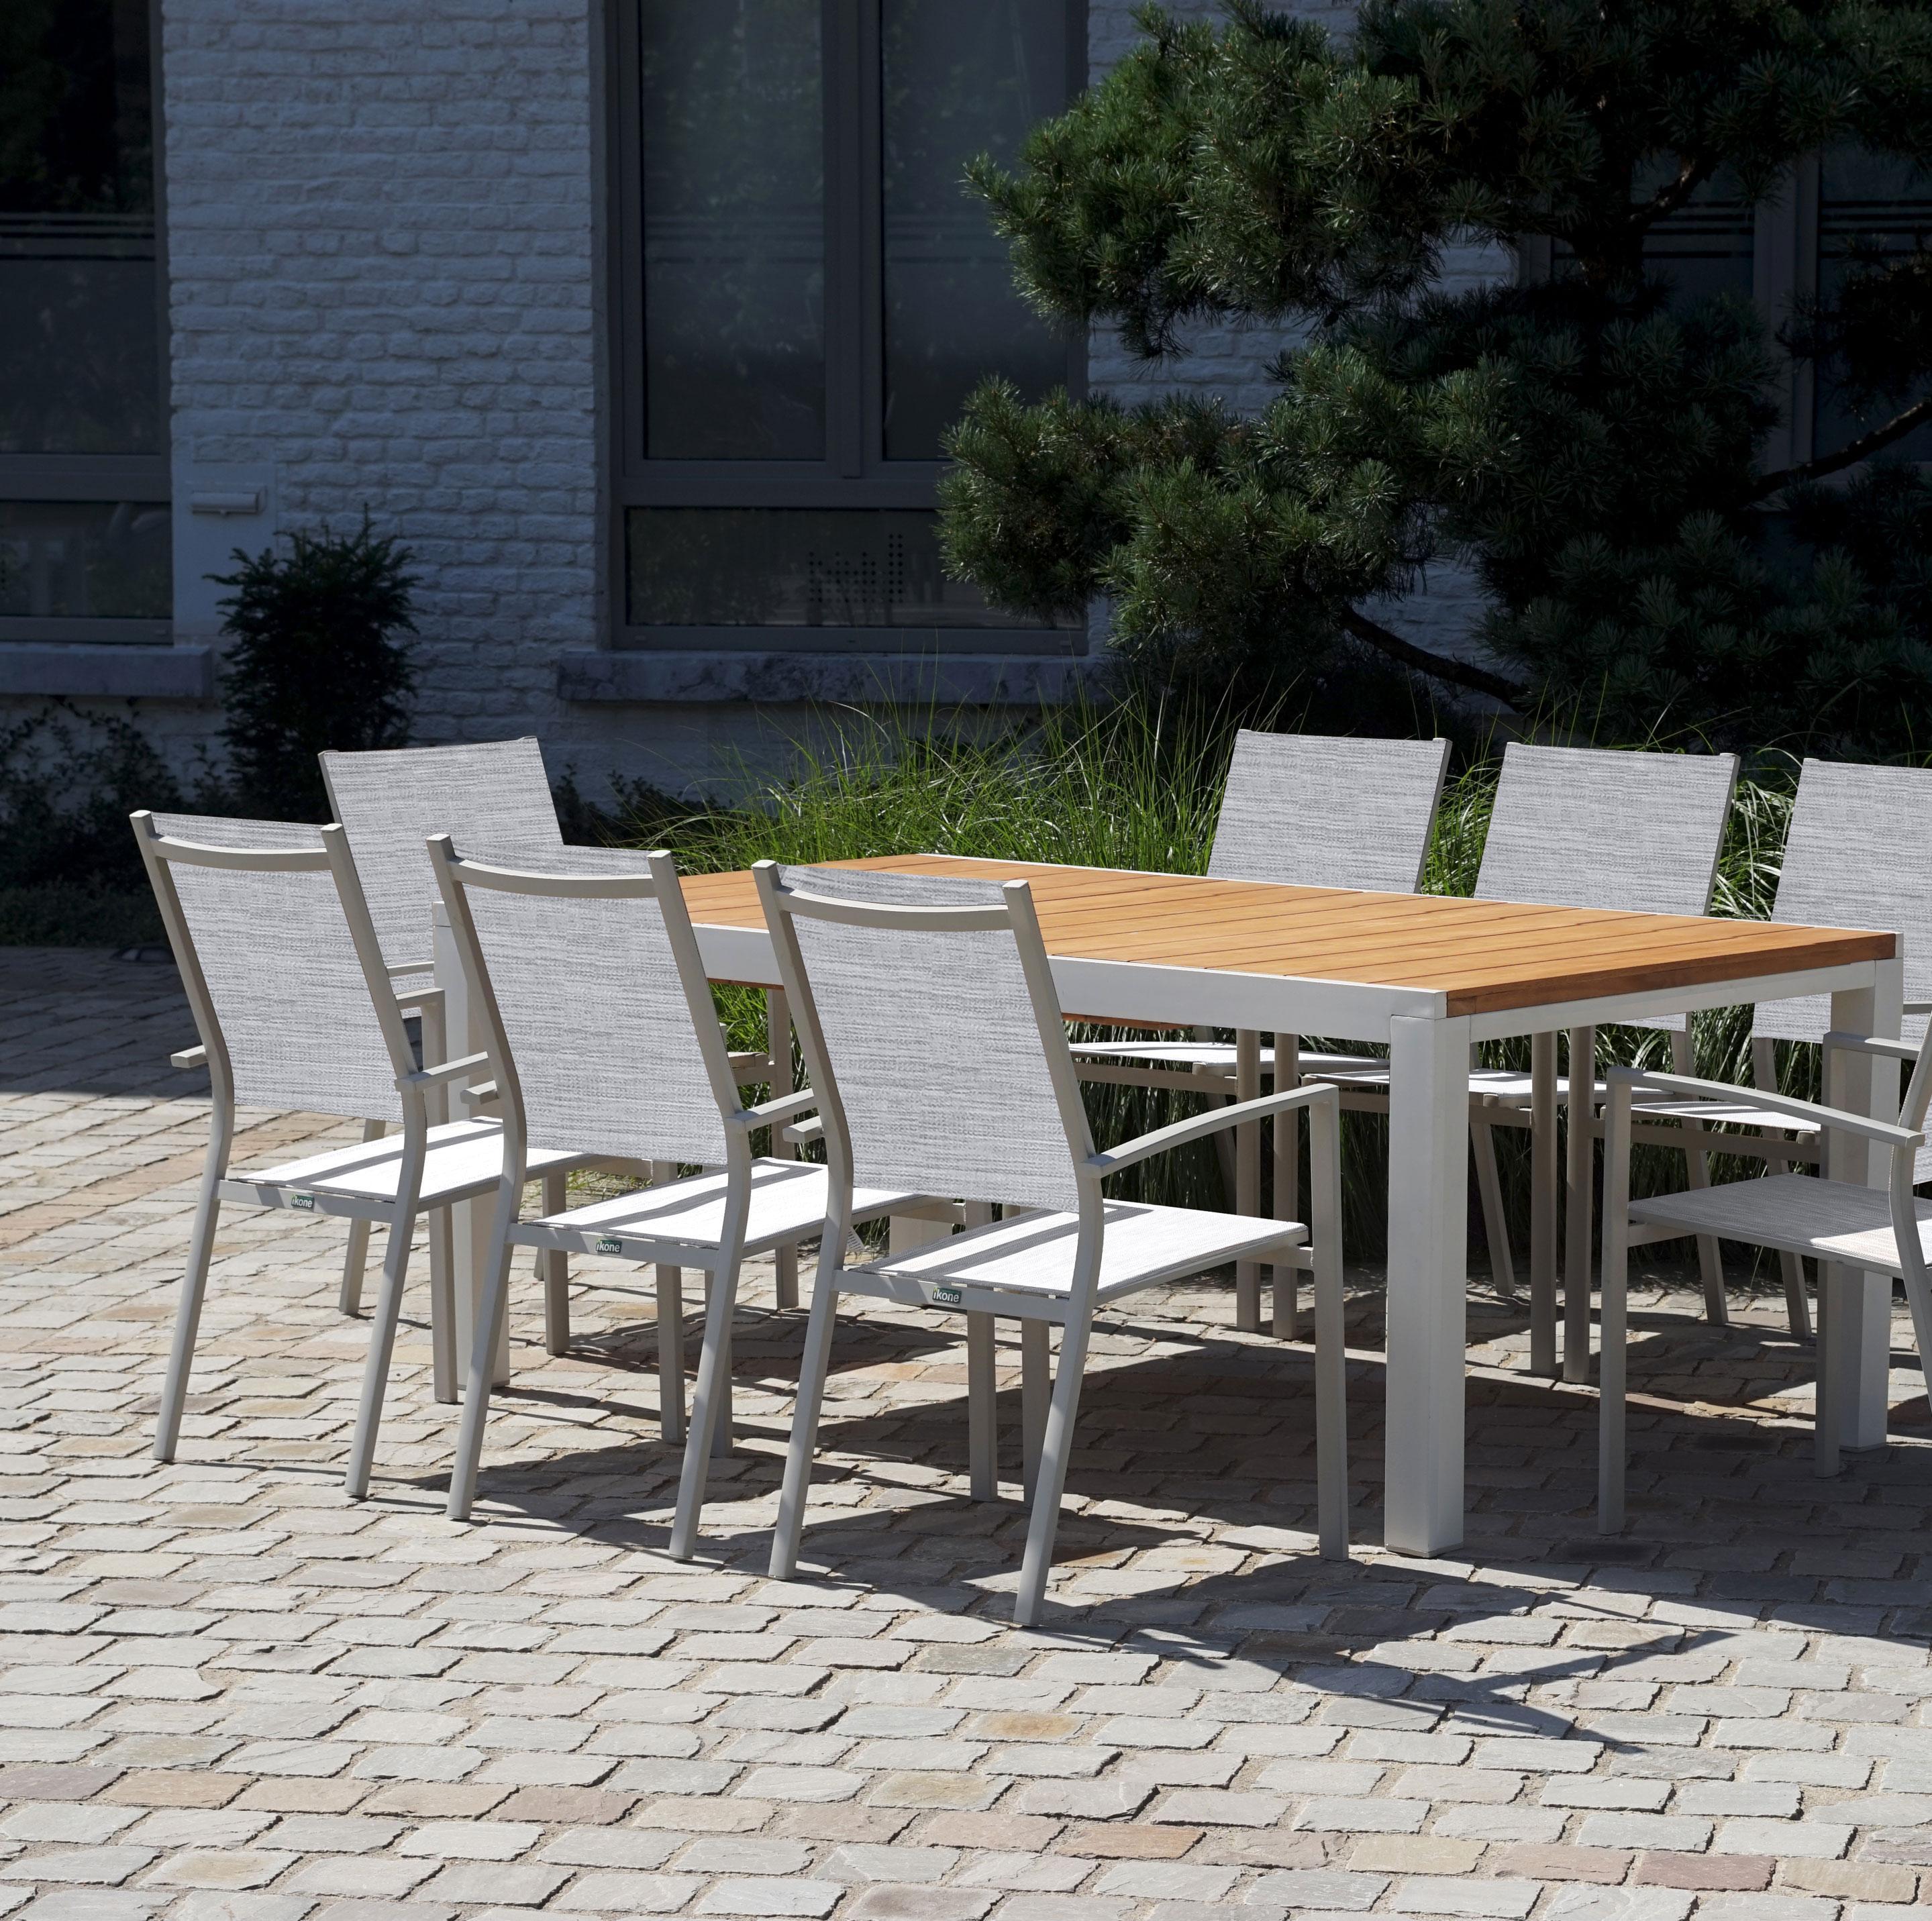 Claustra Alu Leroy Merlin salon de jardin eze aluminium brun marron, 8 personnes